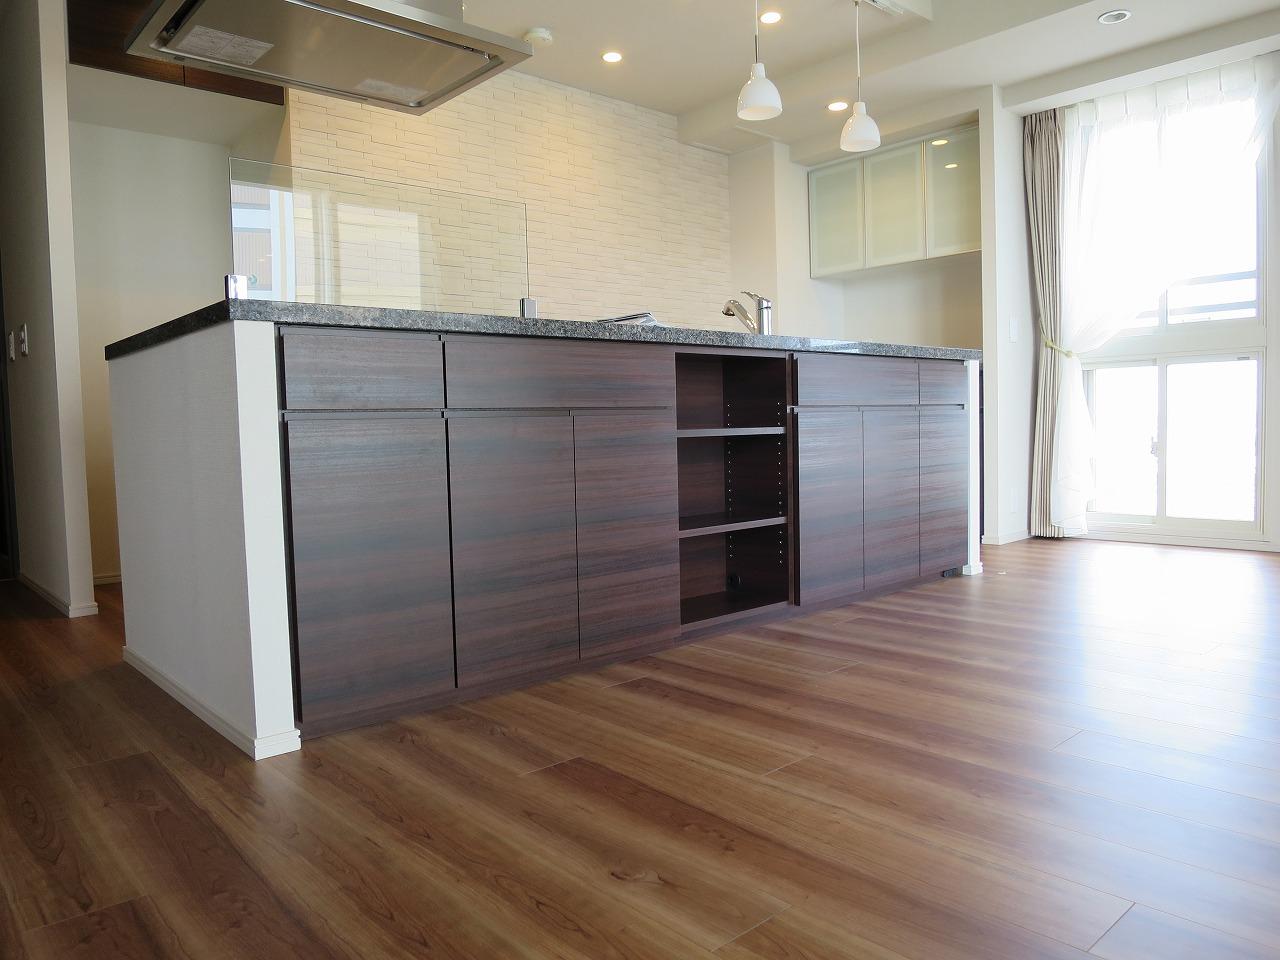 食器棚やカウンター下収納の施工事例|埼玉県・さいたま市|新築マンション